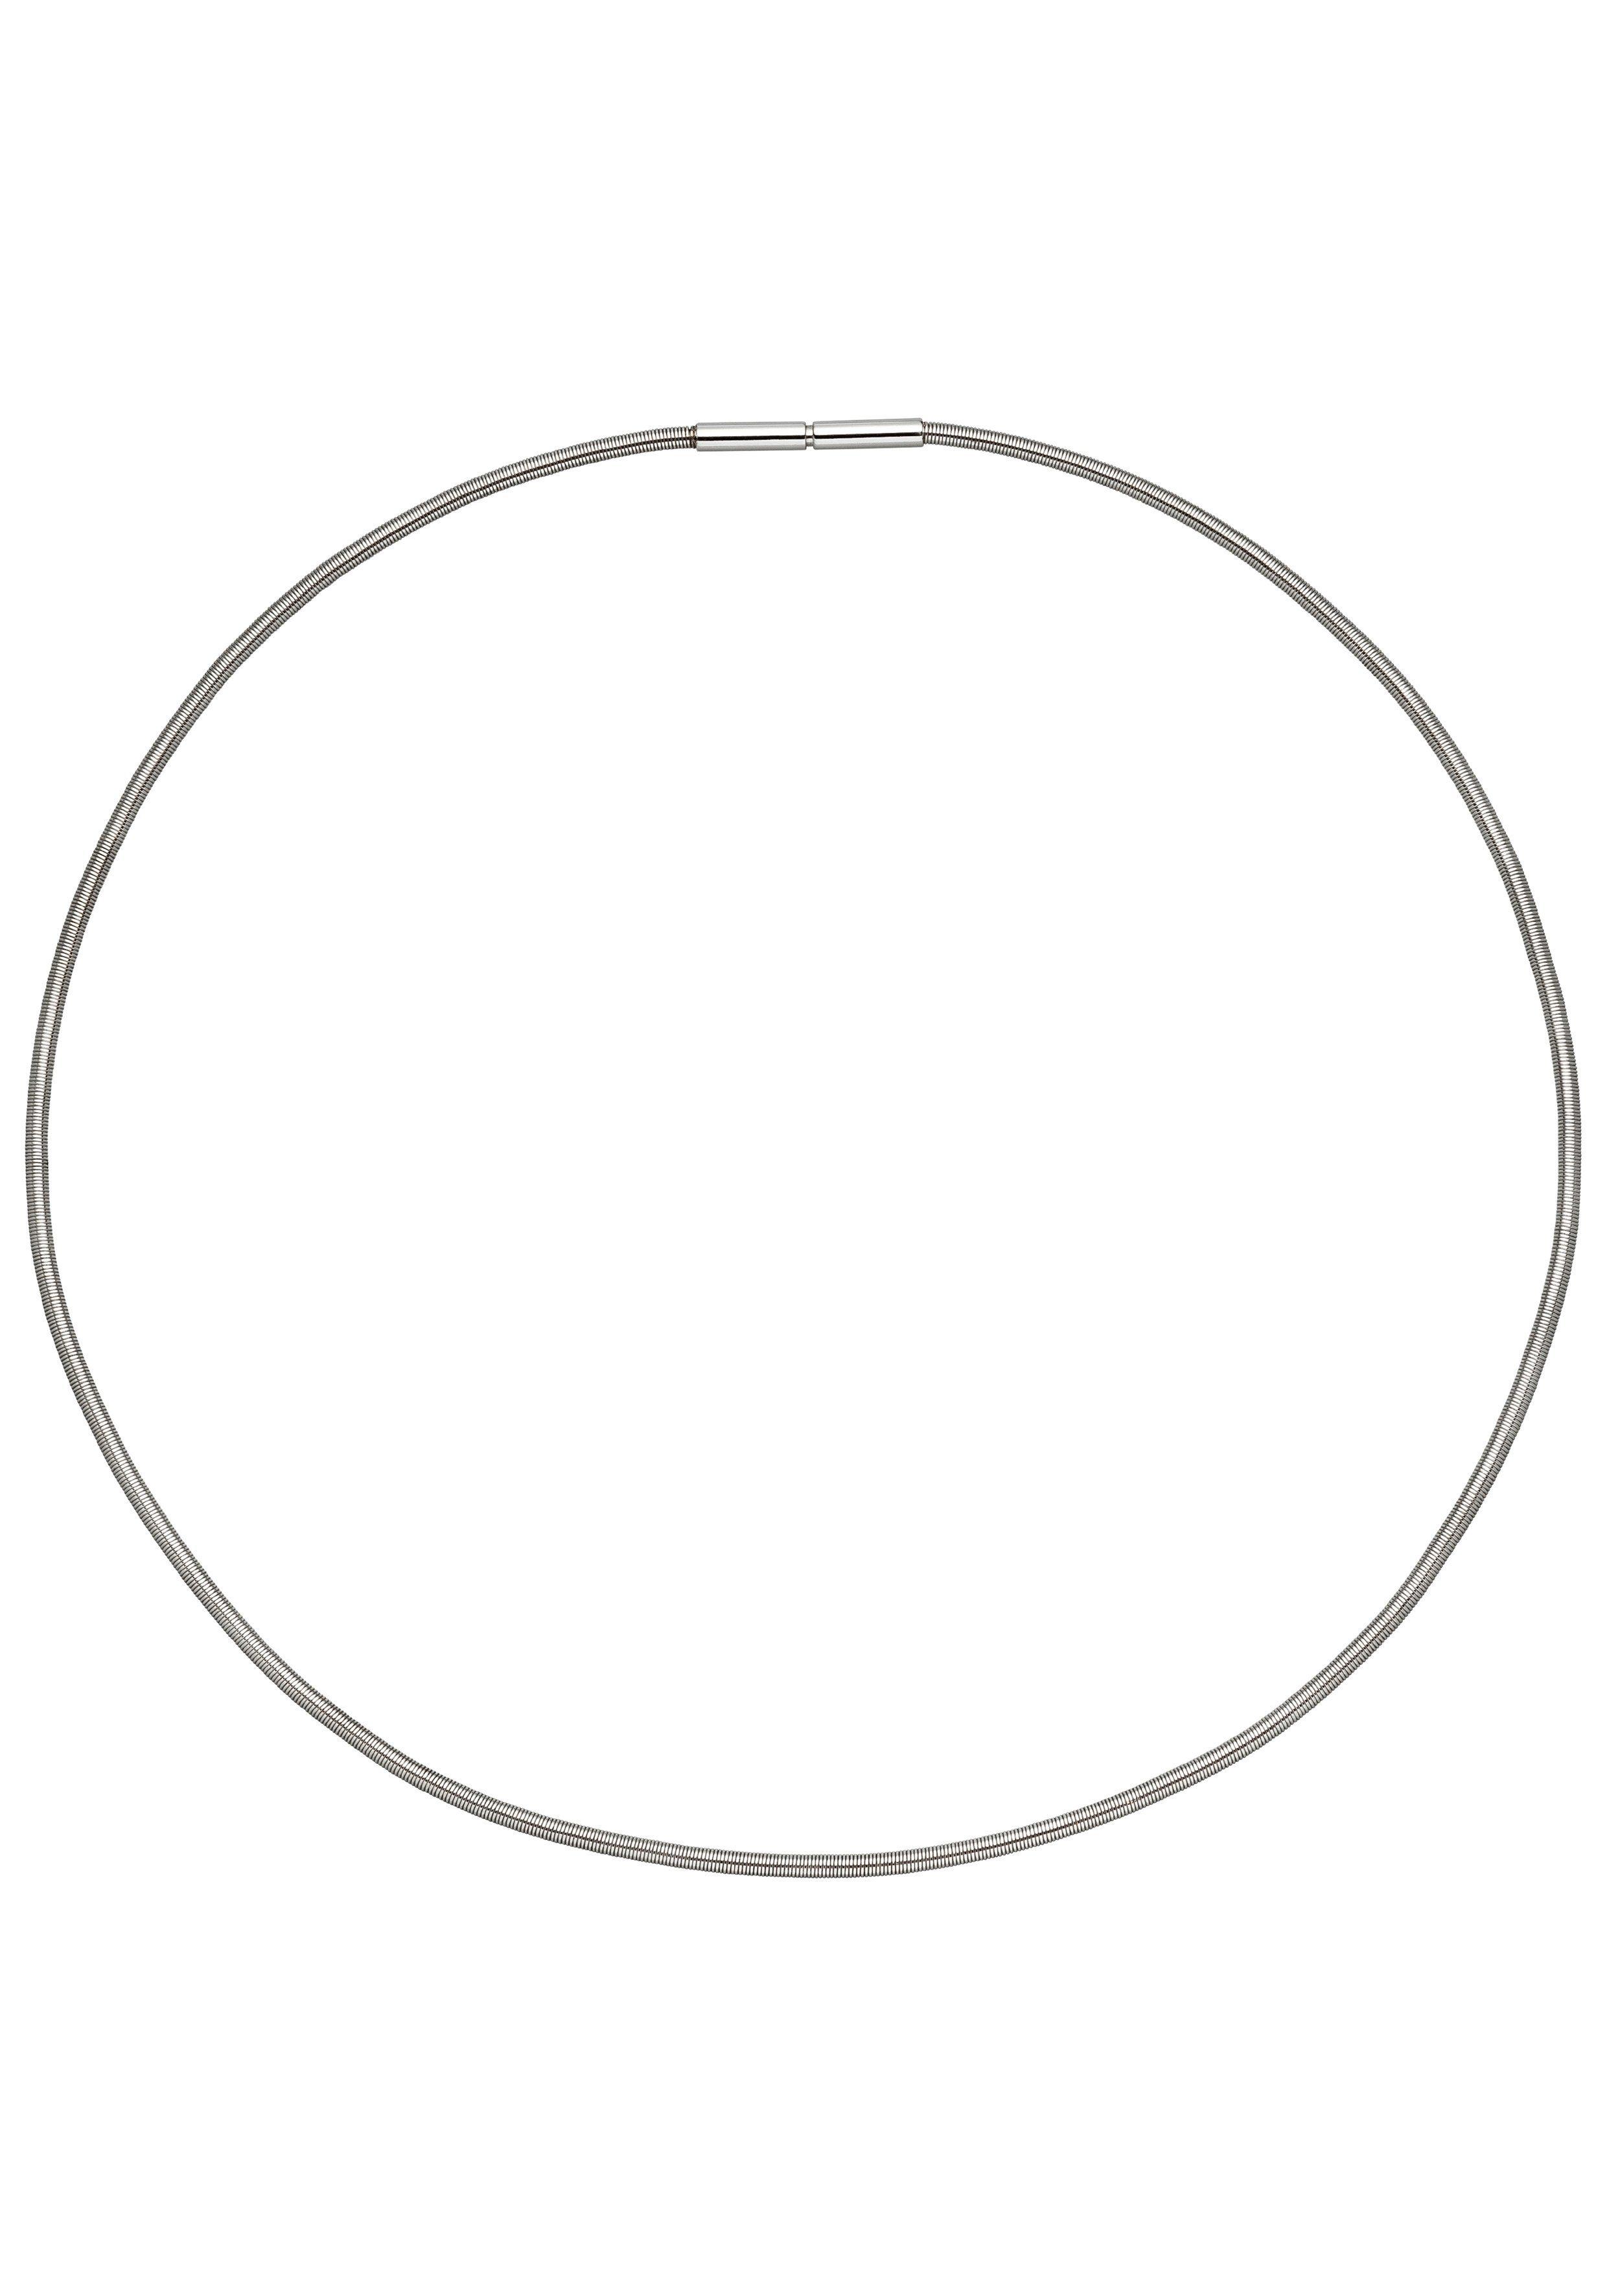 JOBO Halsreif 925 Silber 42 cm 2 mm